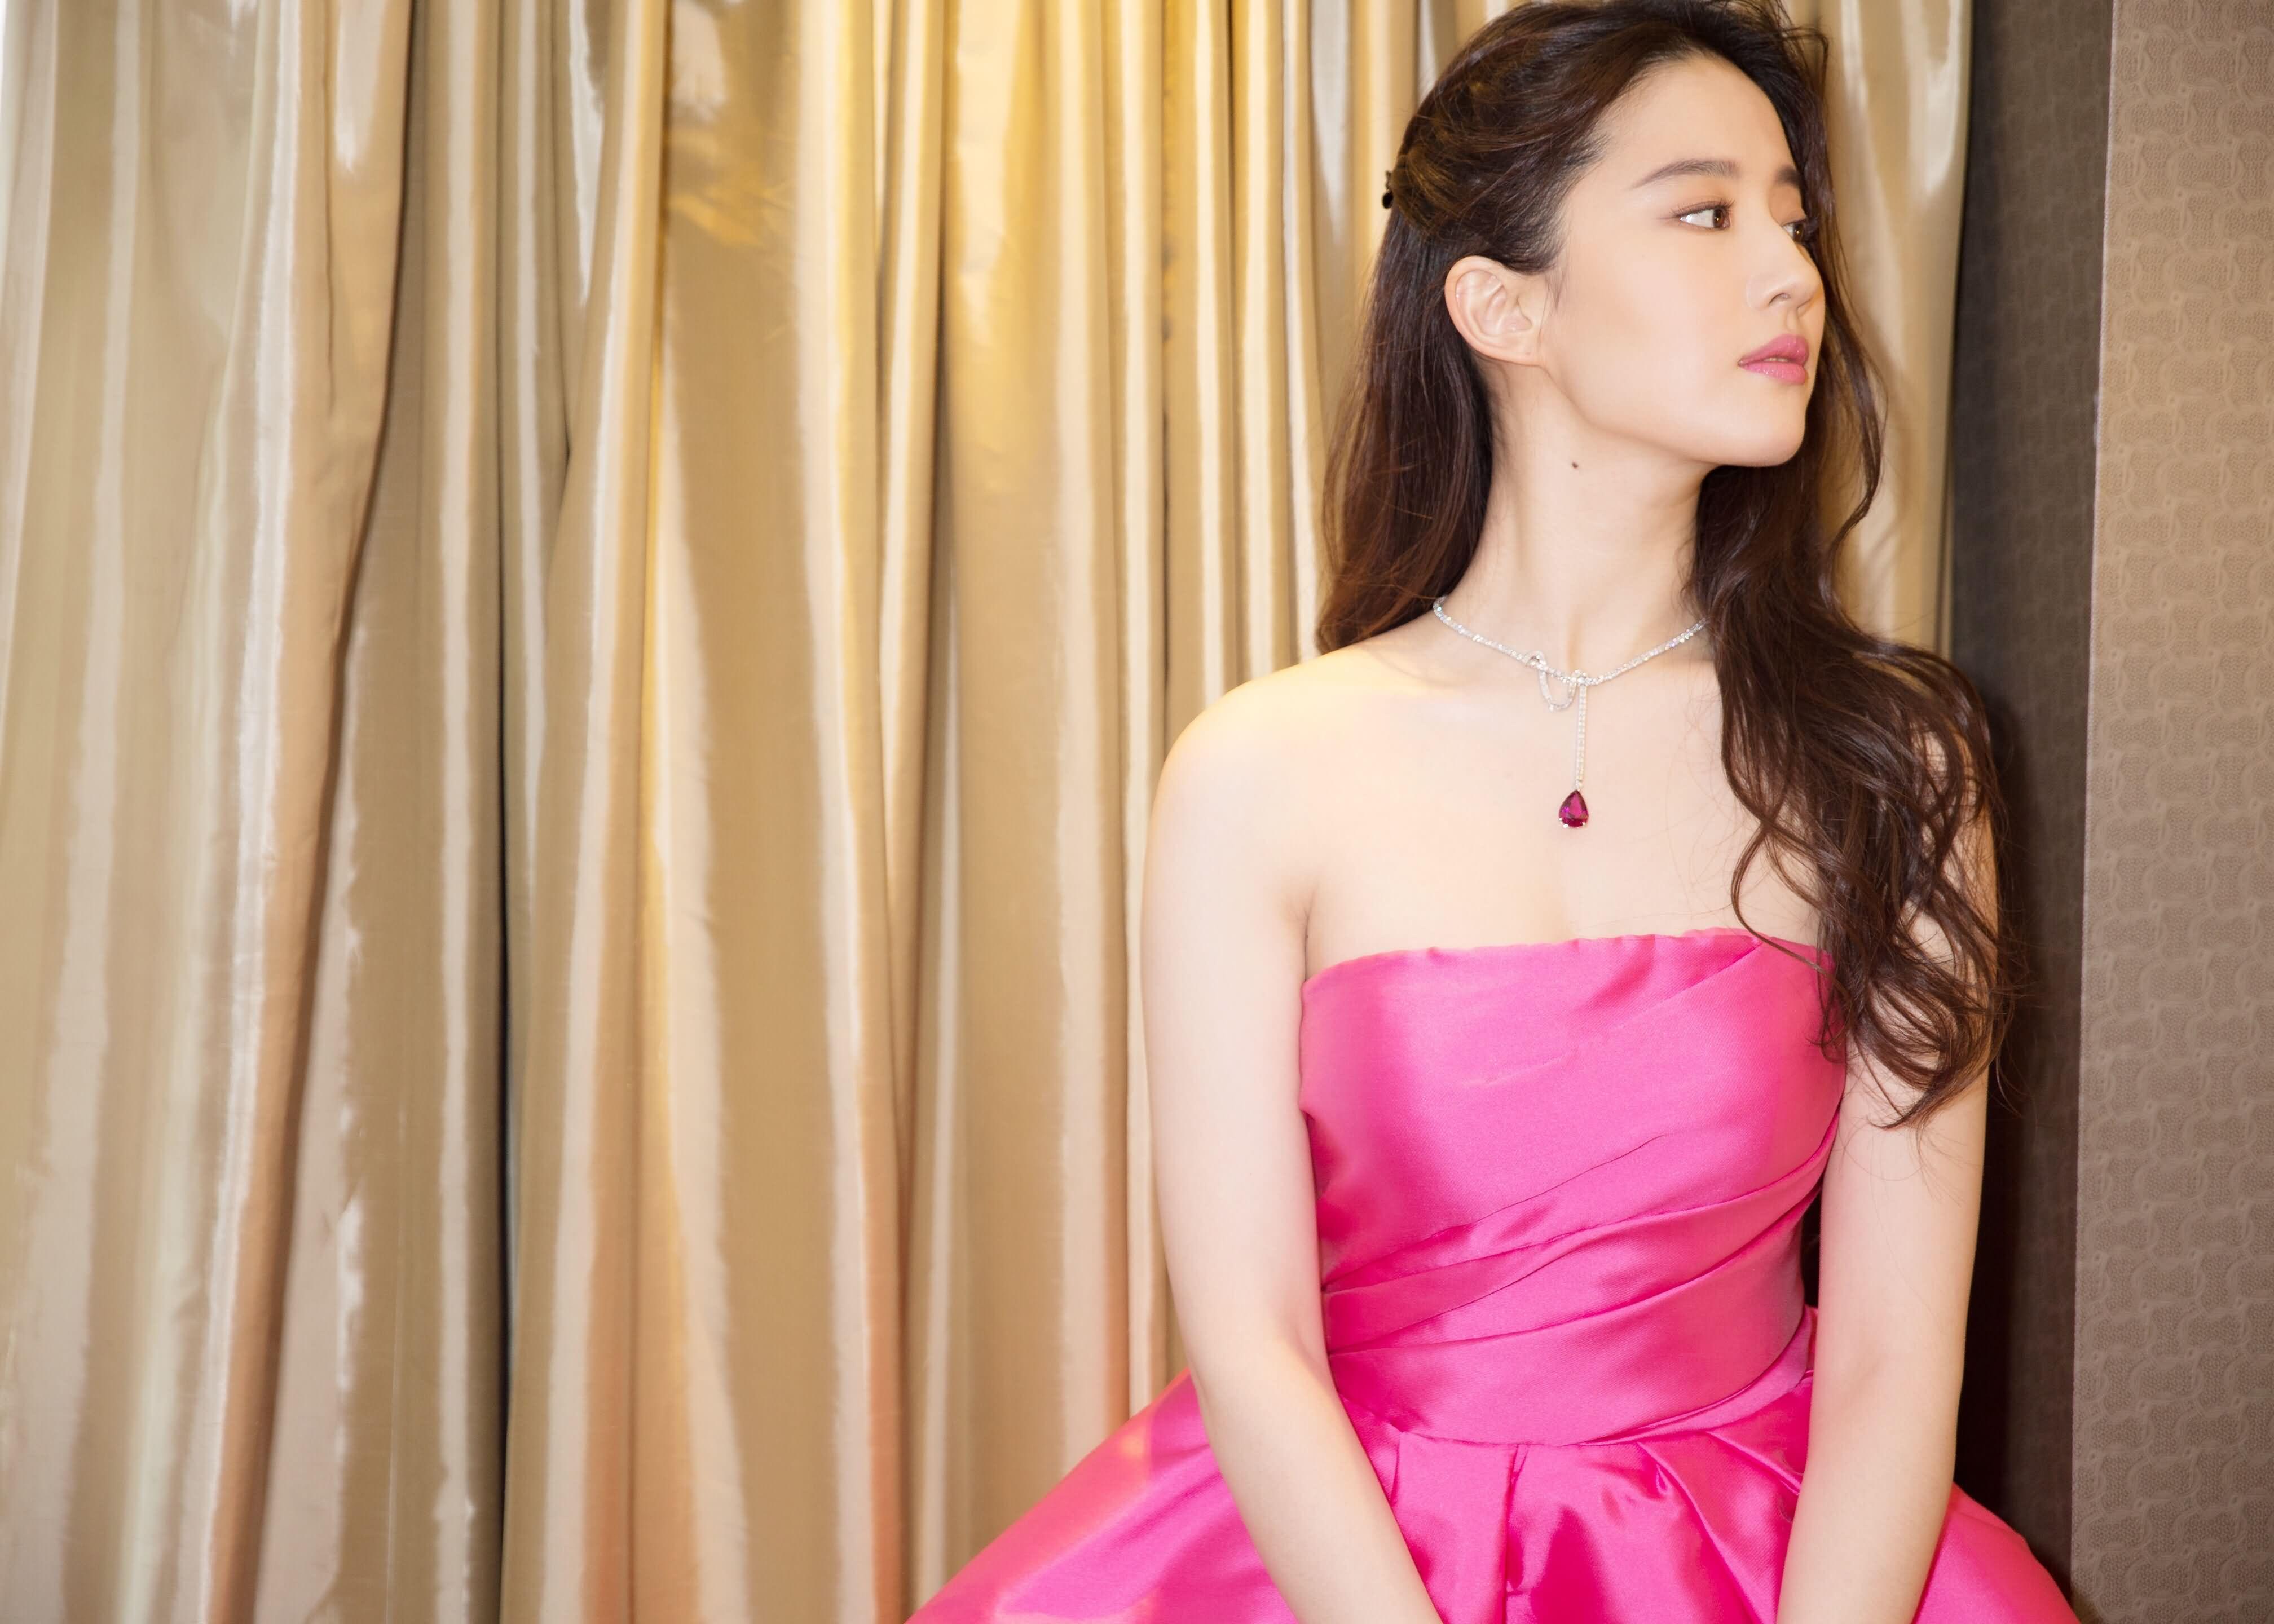 刘亦菲与《烽火芳菲》剧组走上海国际电影节红地毯